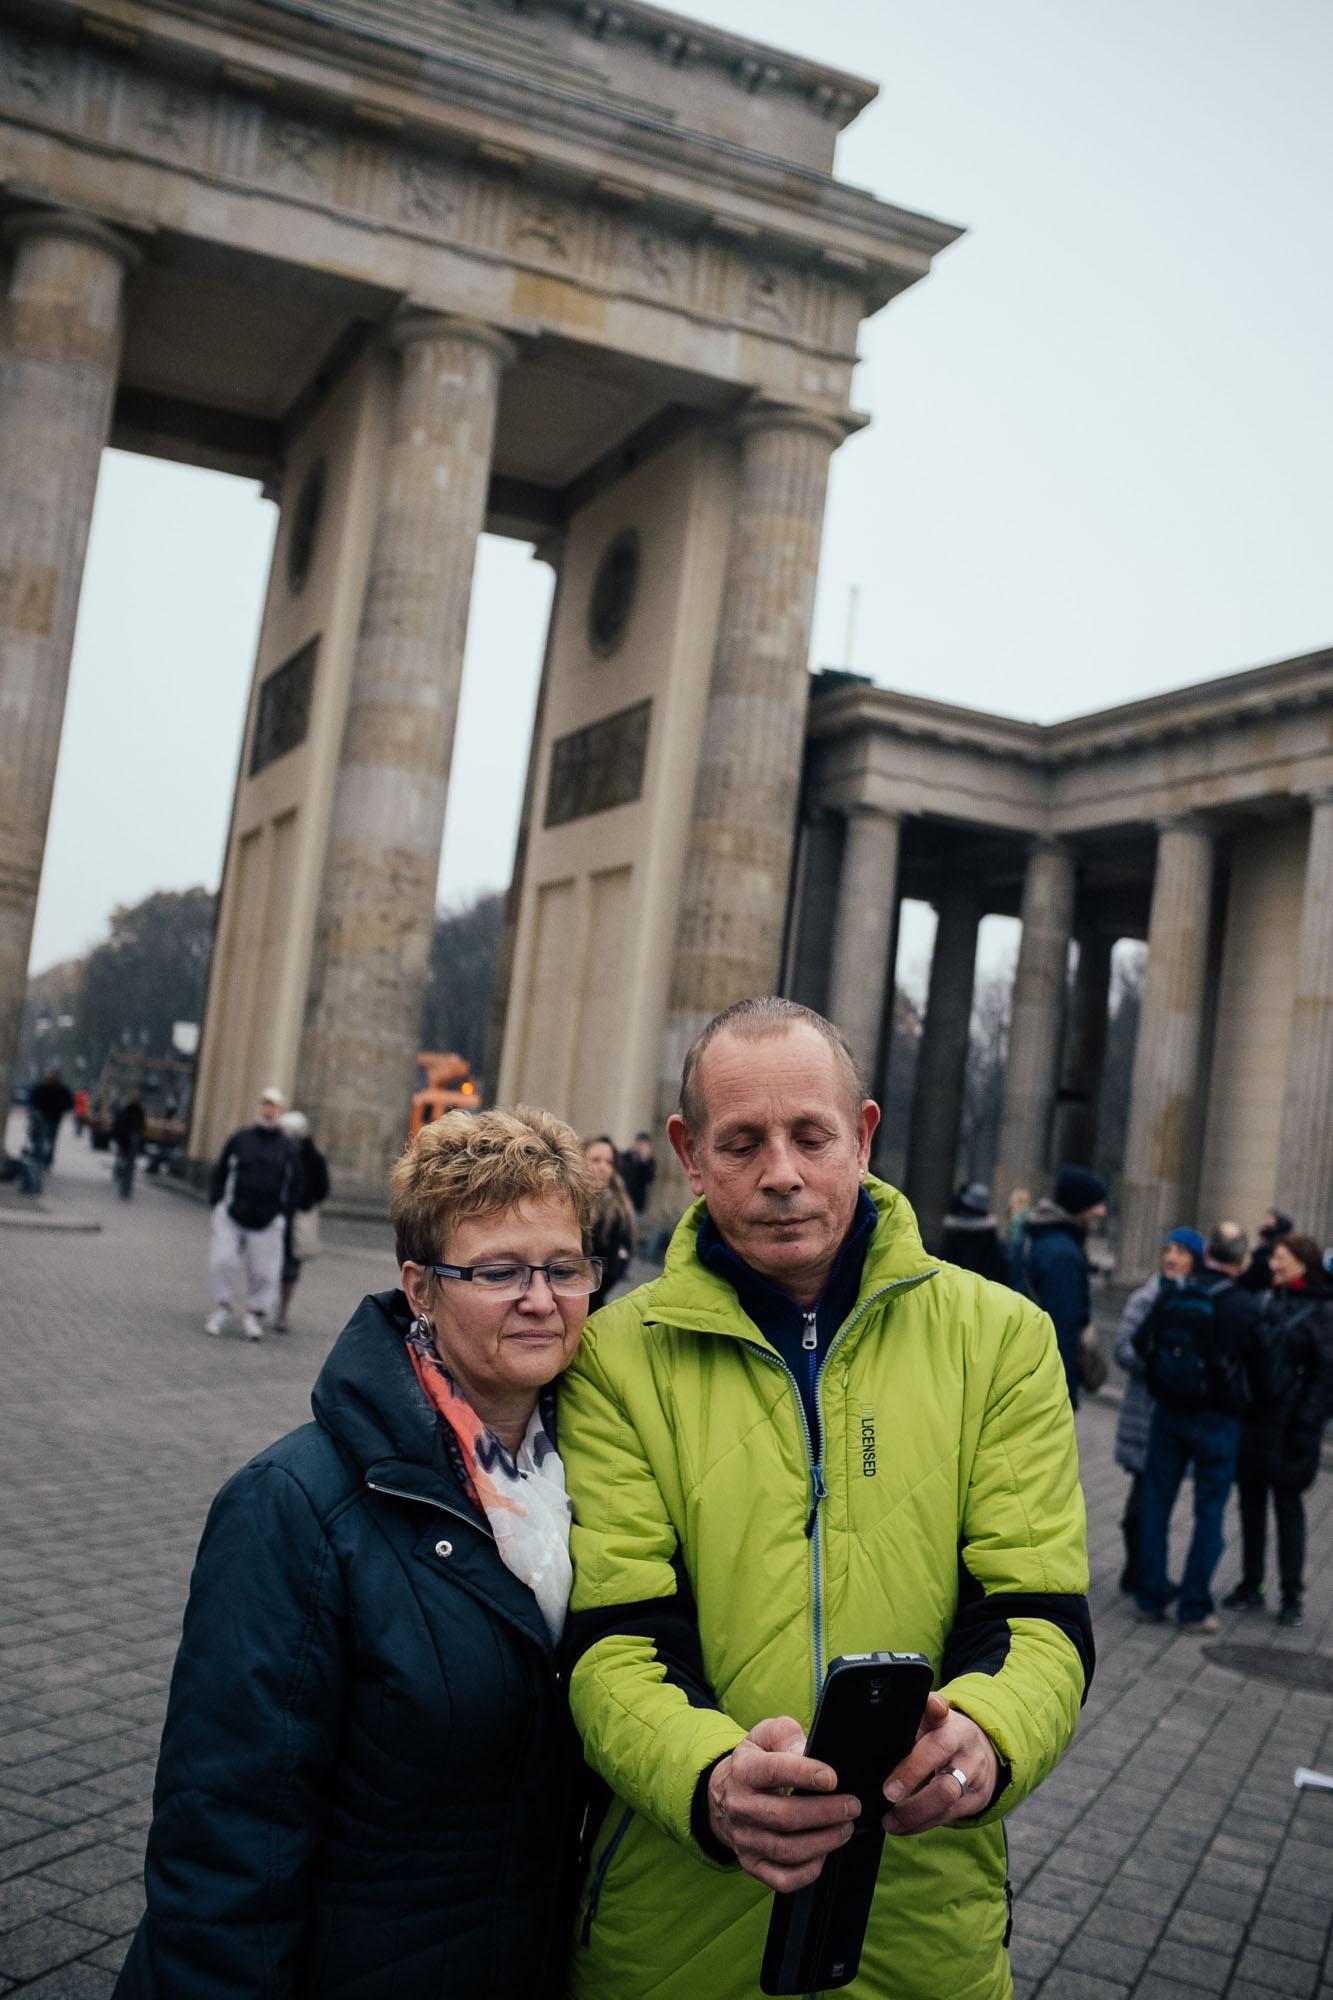 04_jens_quasten_berlin_tourismus